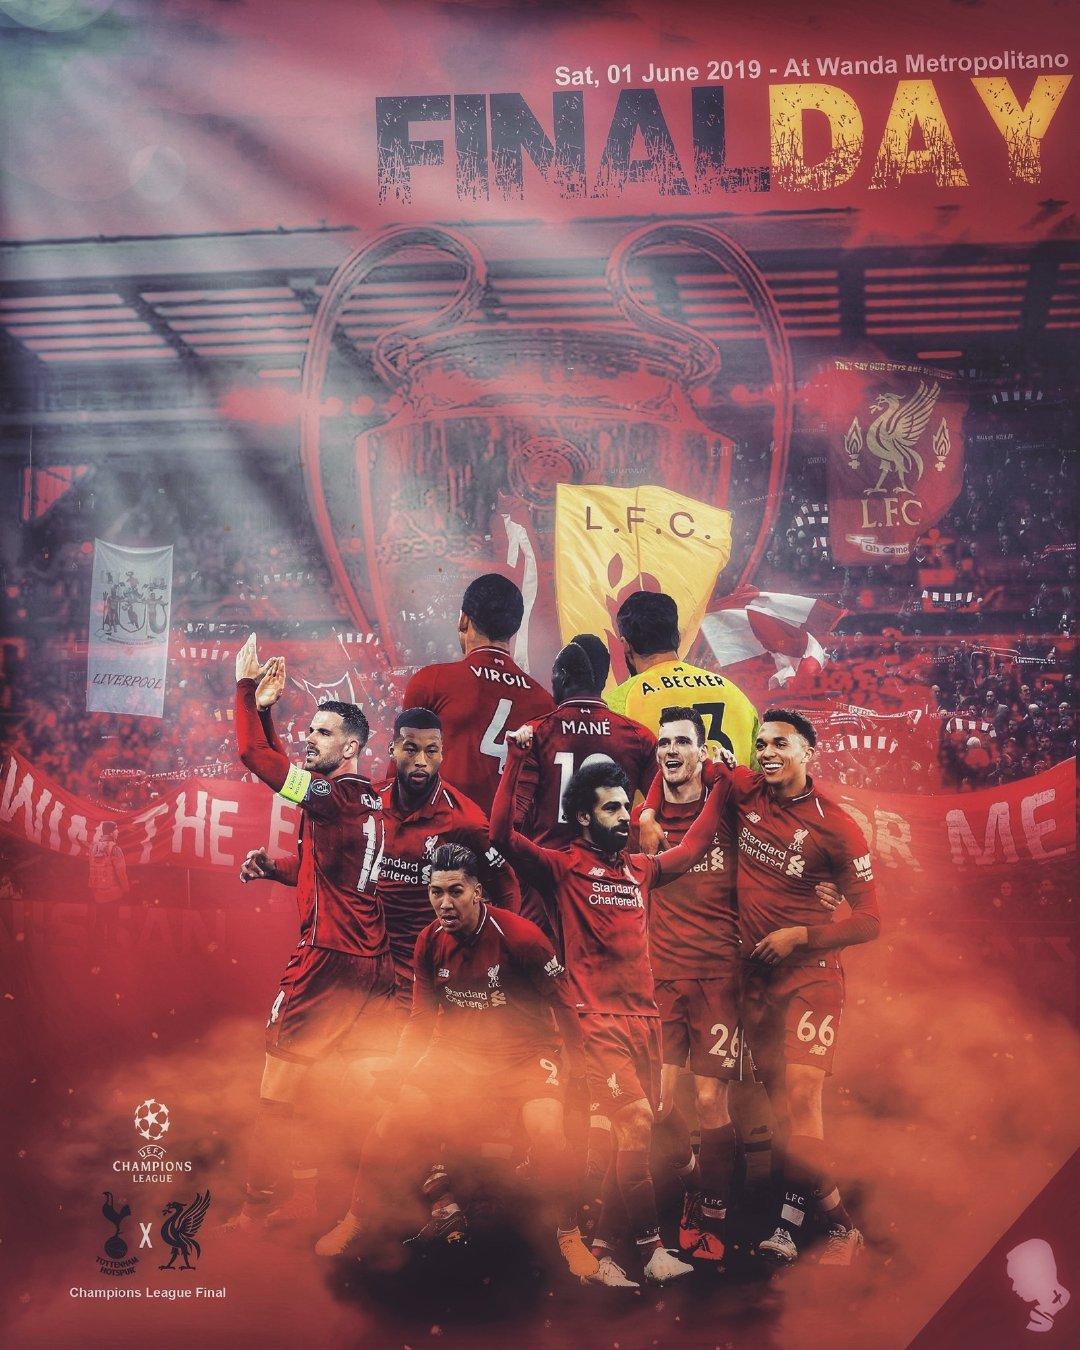 剑指马德里!利物浦官推用四张海报回顾本赛季欧冠征程